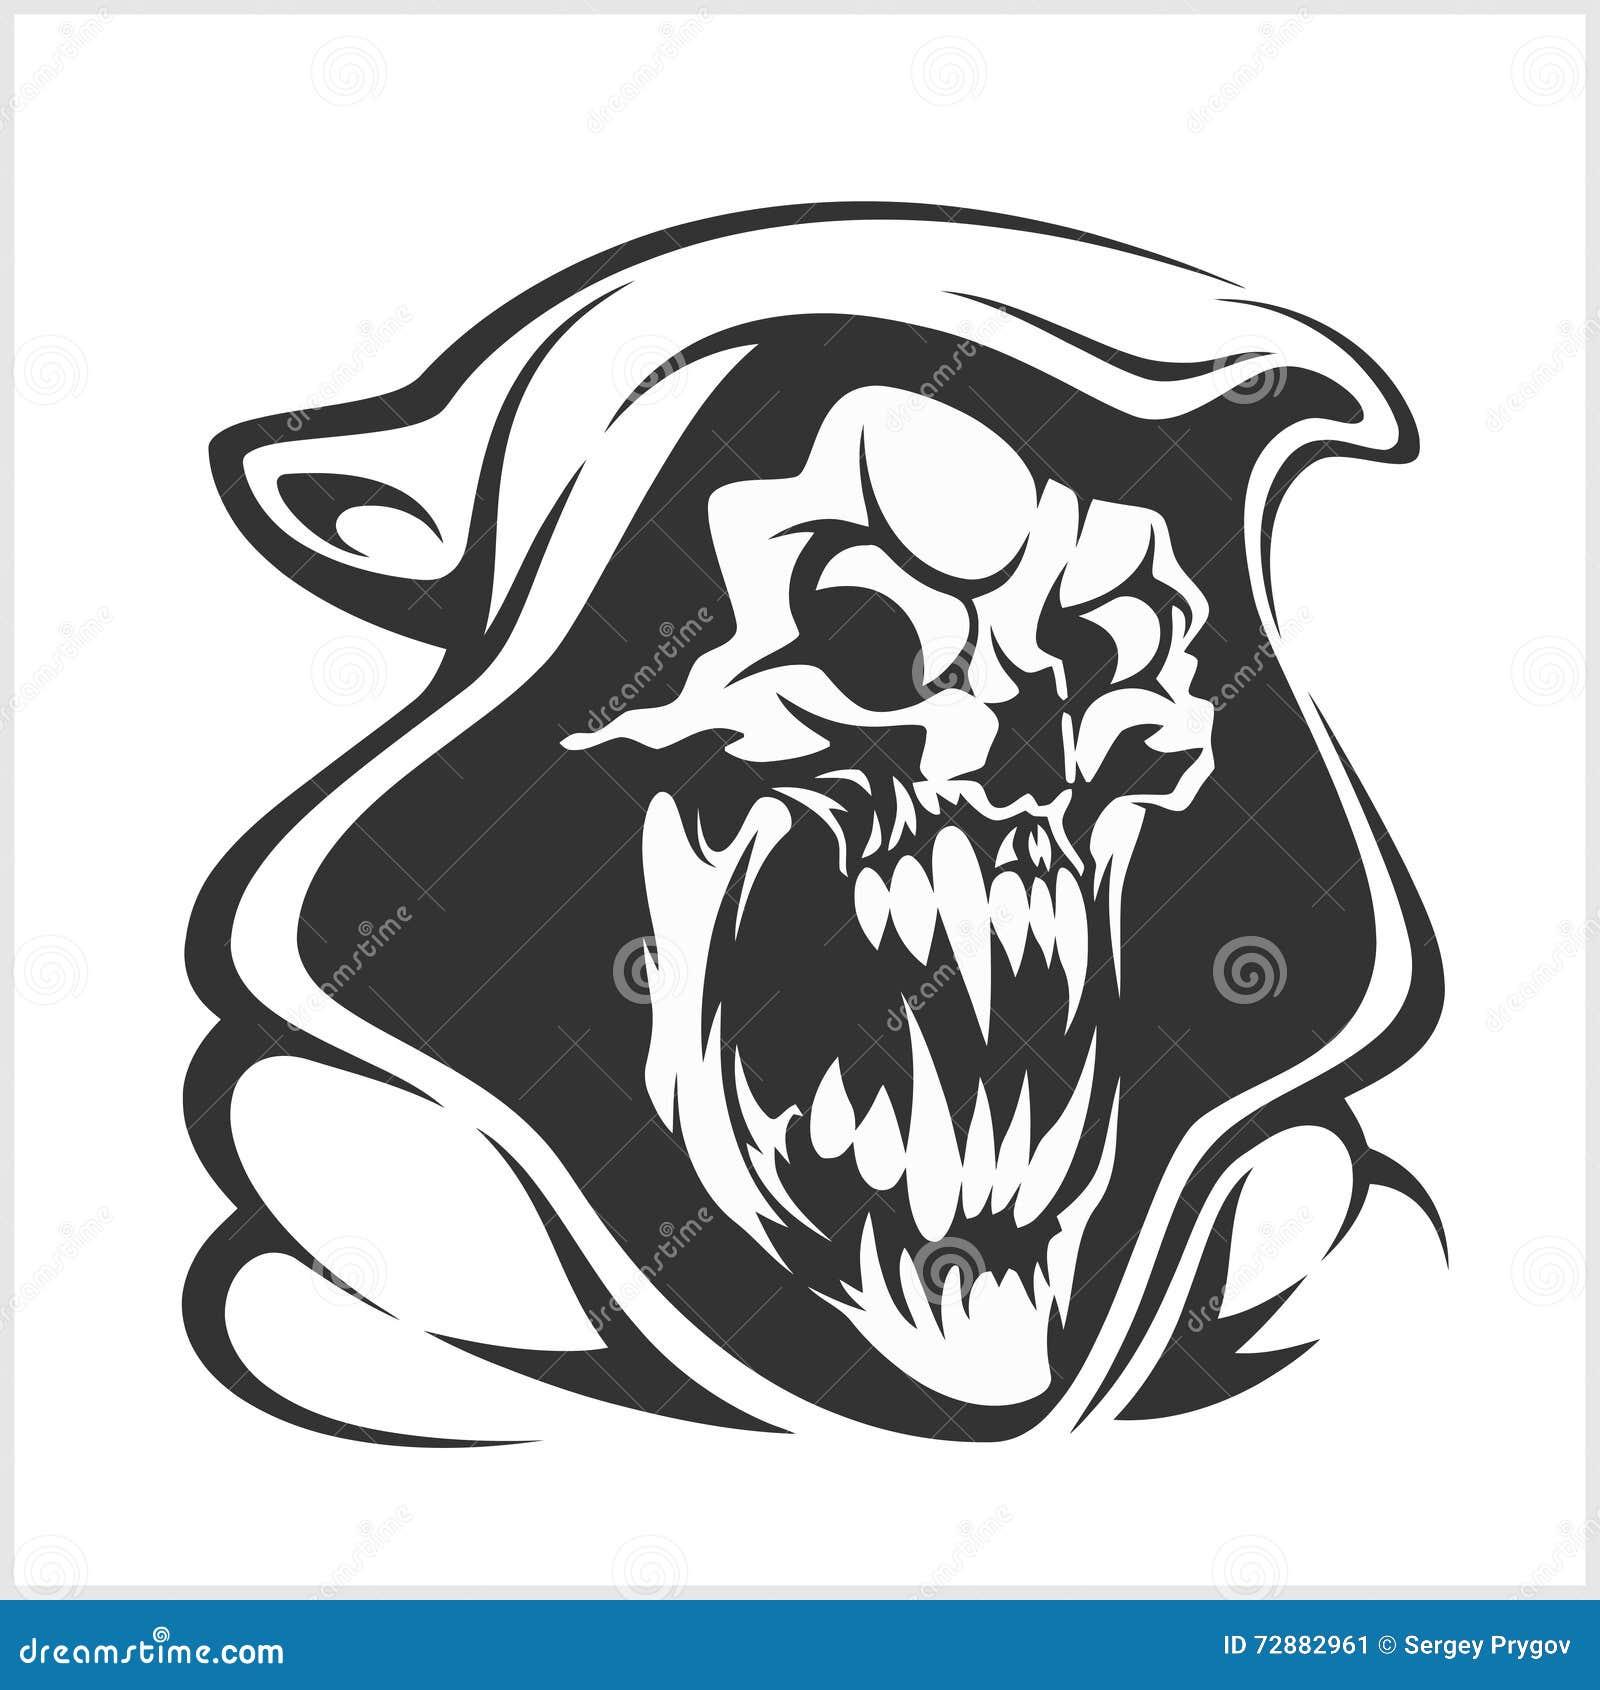 Todeszeichenvektor Horror, schlechte Sense, Geistskelettillustration